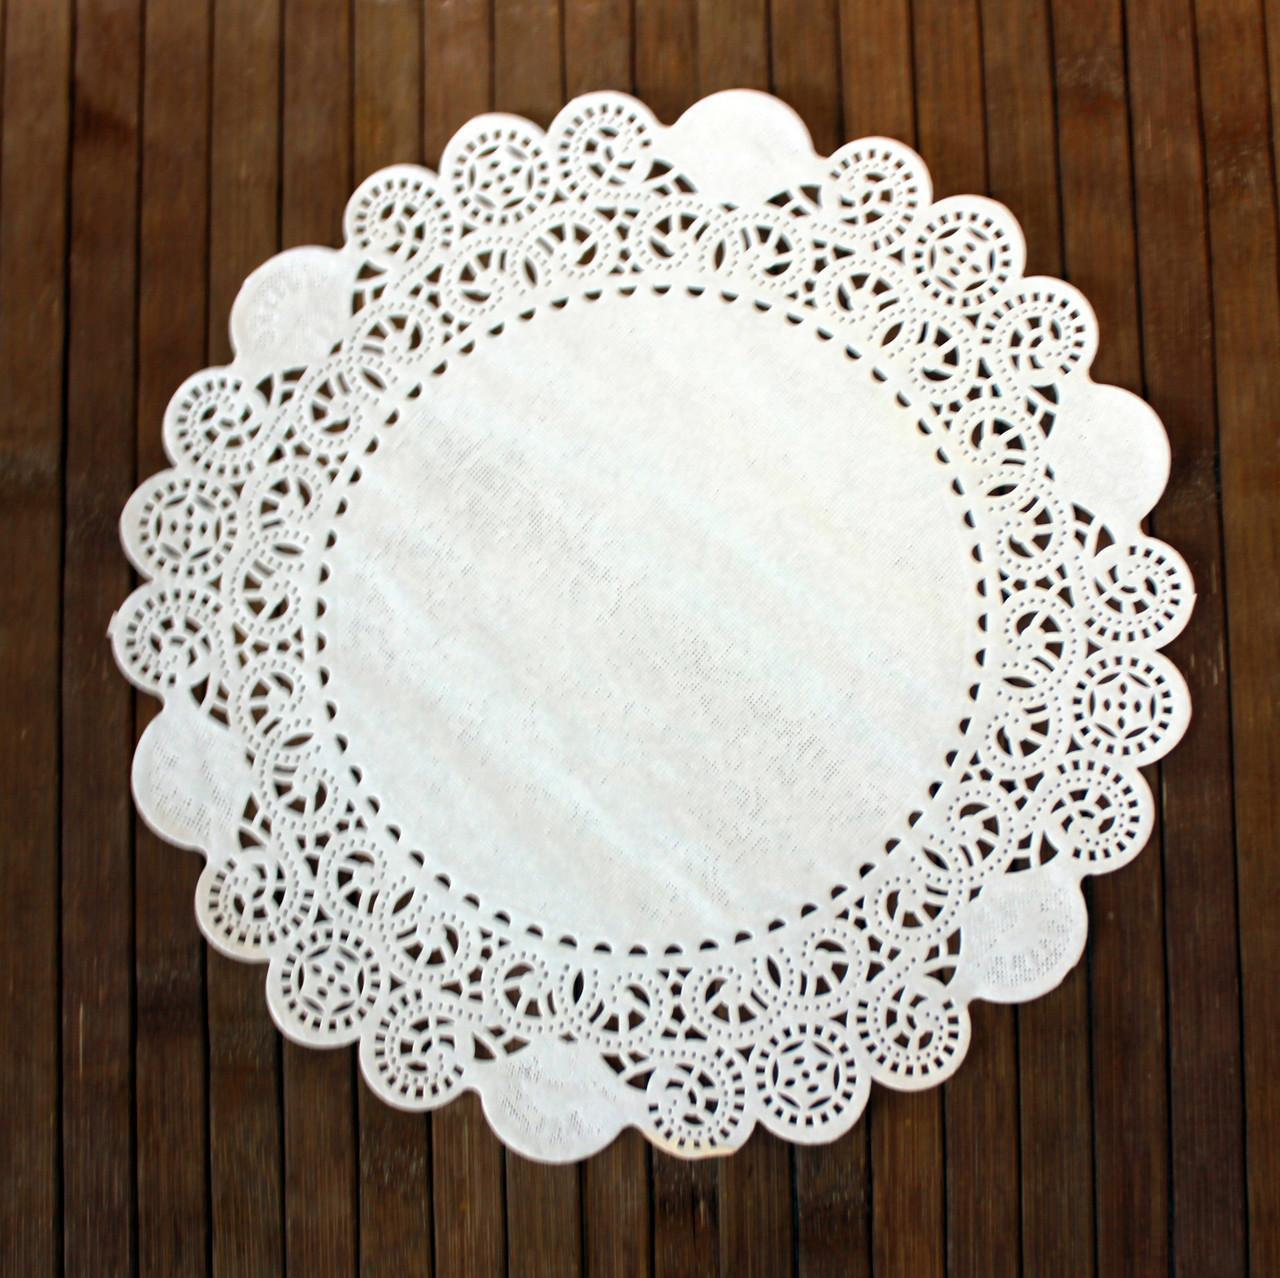 Салфетки ажурные бумажные 30 см (250 шт)